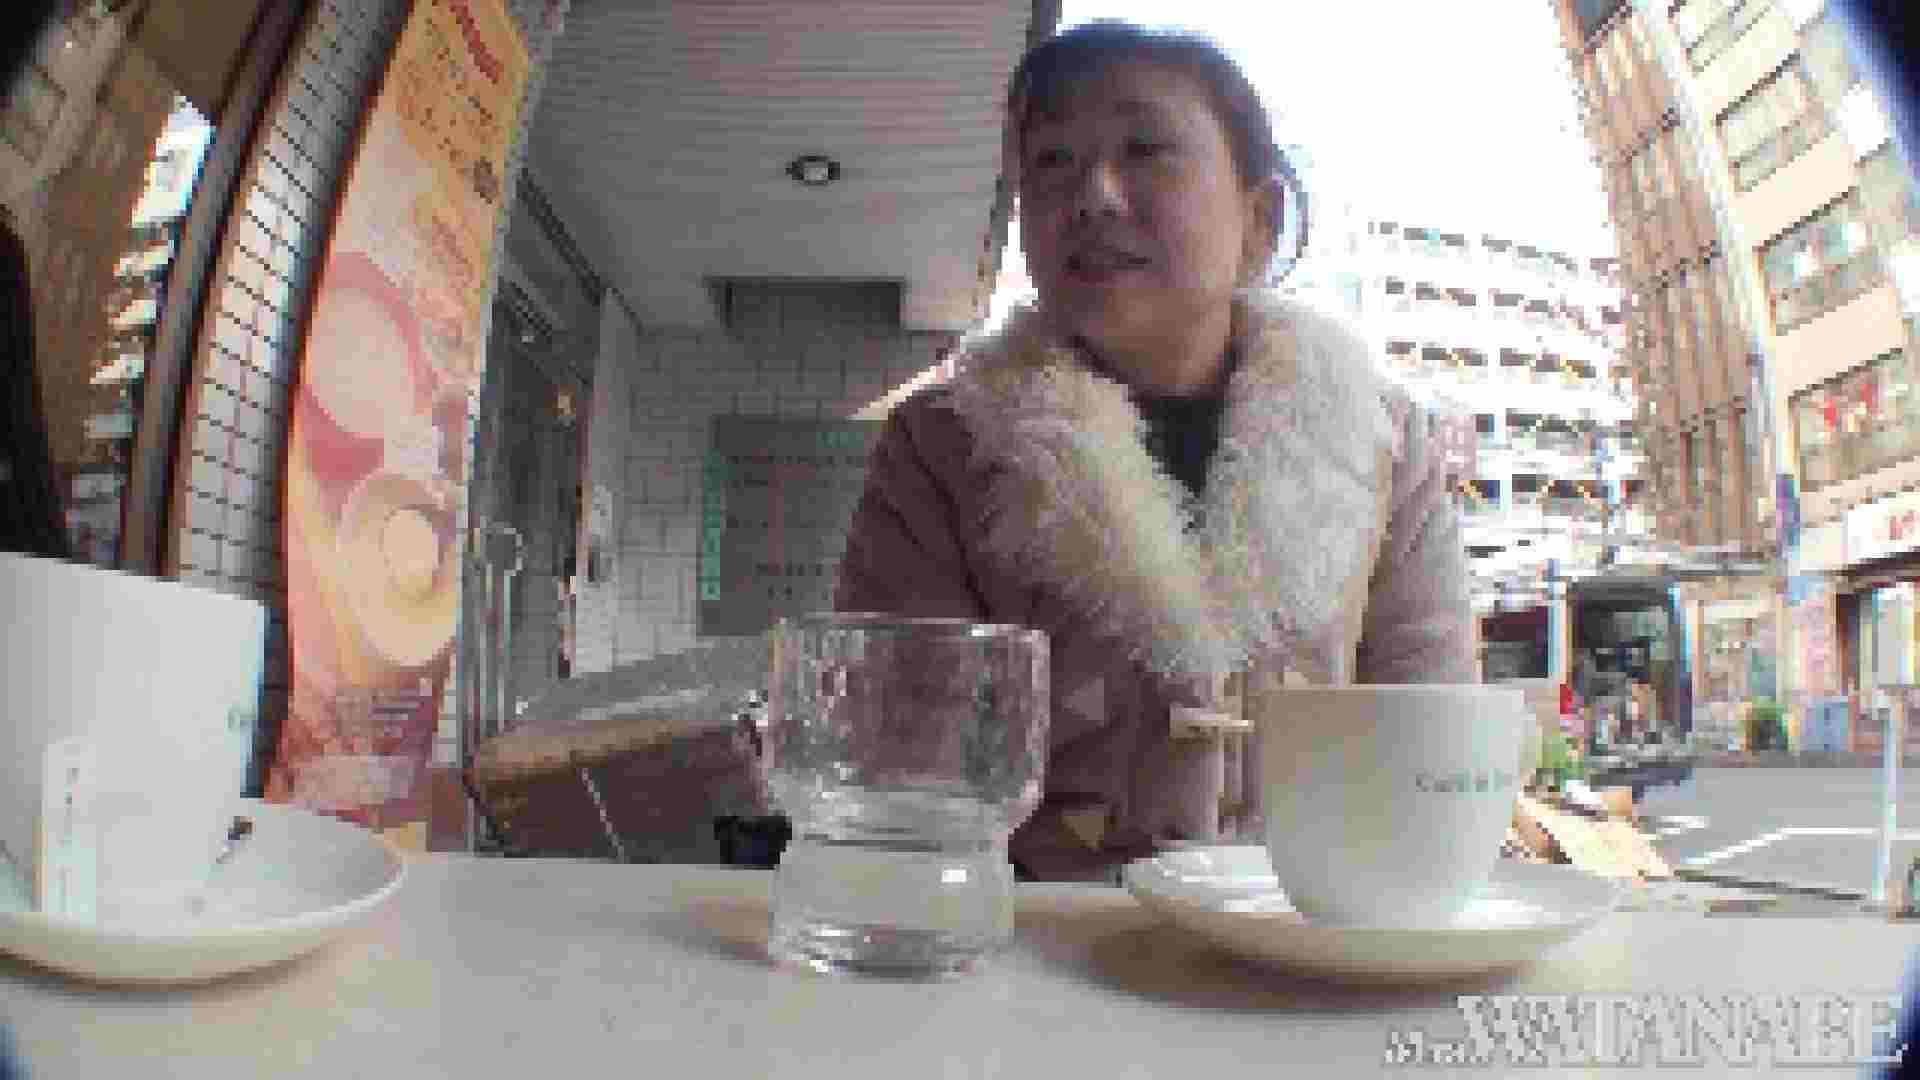 撮影スタッフを誘惑する痴熟女 かおり40歳 Vol.01 OLのエッチ オマンコ動画キャプチャ 73pic 70